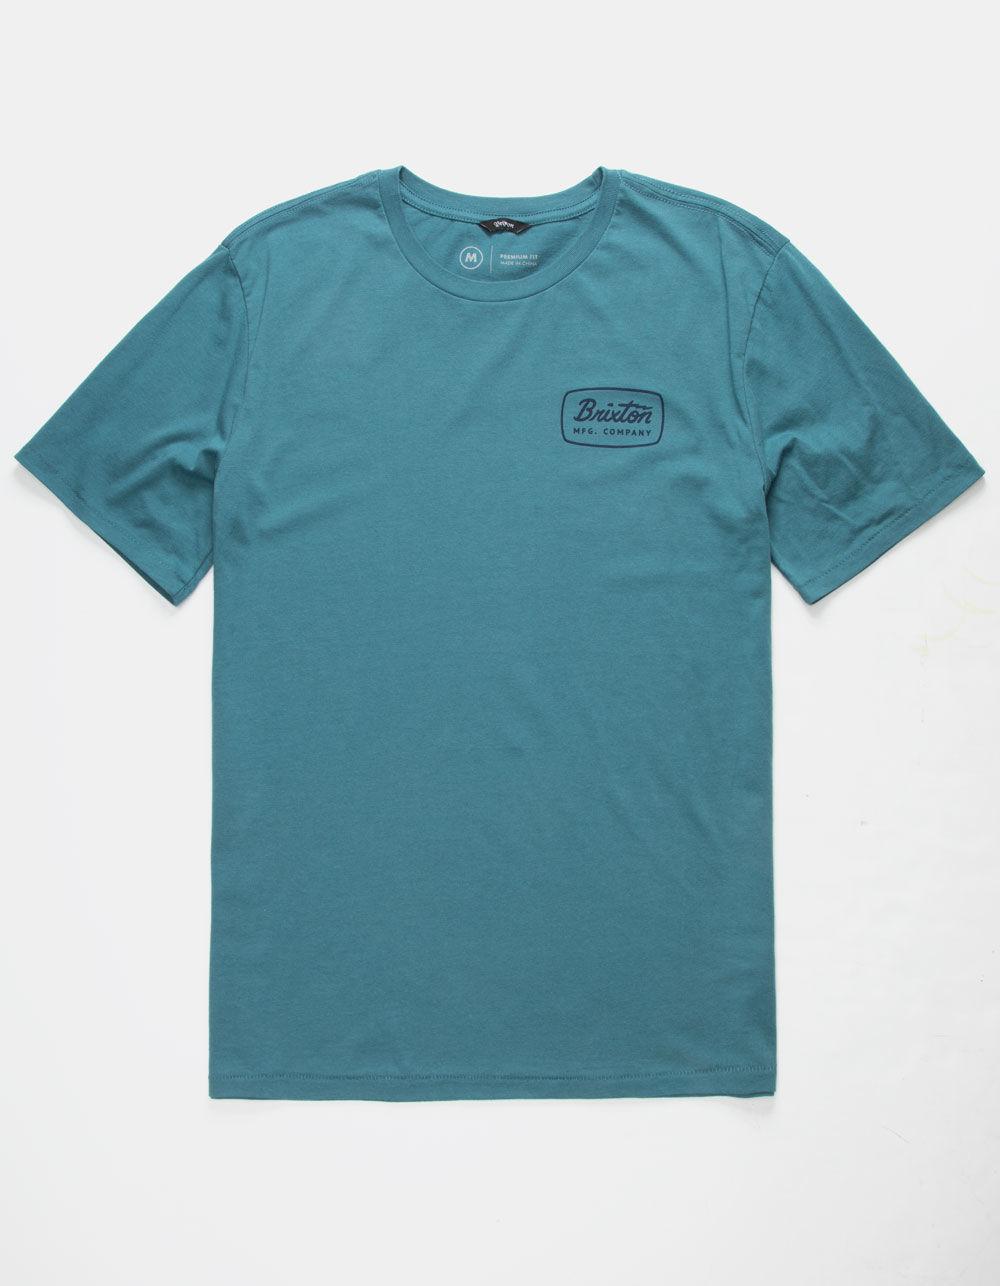 7f354f5f66b Lyst - Brixton Jolt Slate Blue Mens T-shirt in Blue for Men